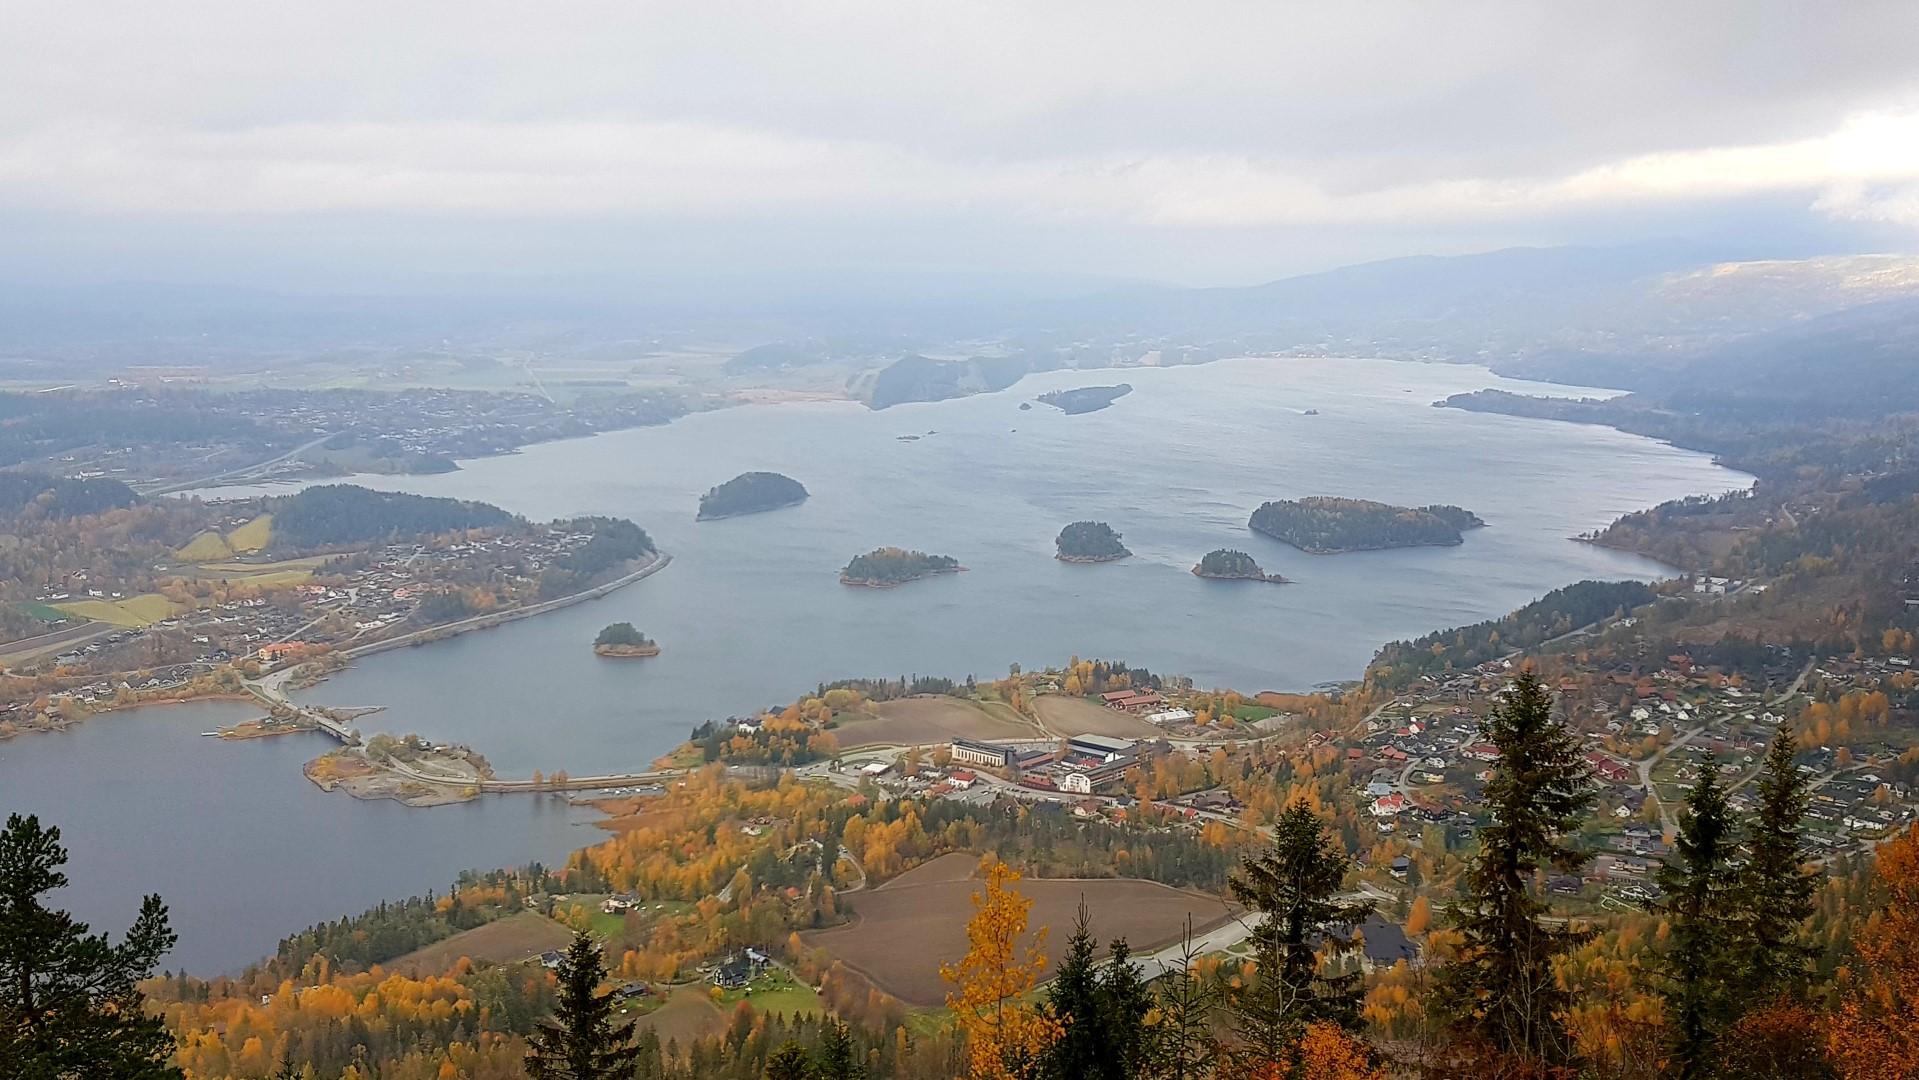 Widok na wyspy z Kongens Utskit niedaleko Oslo, jesienne kolory.